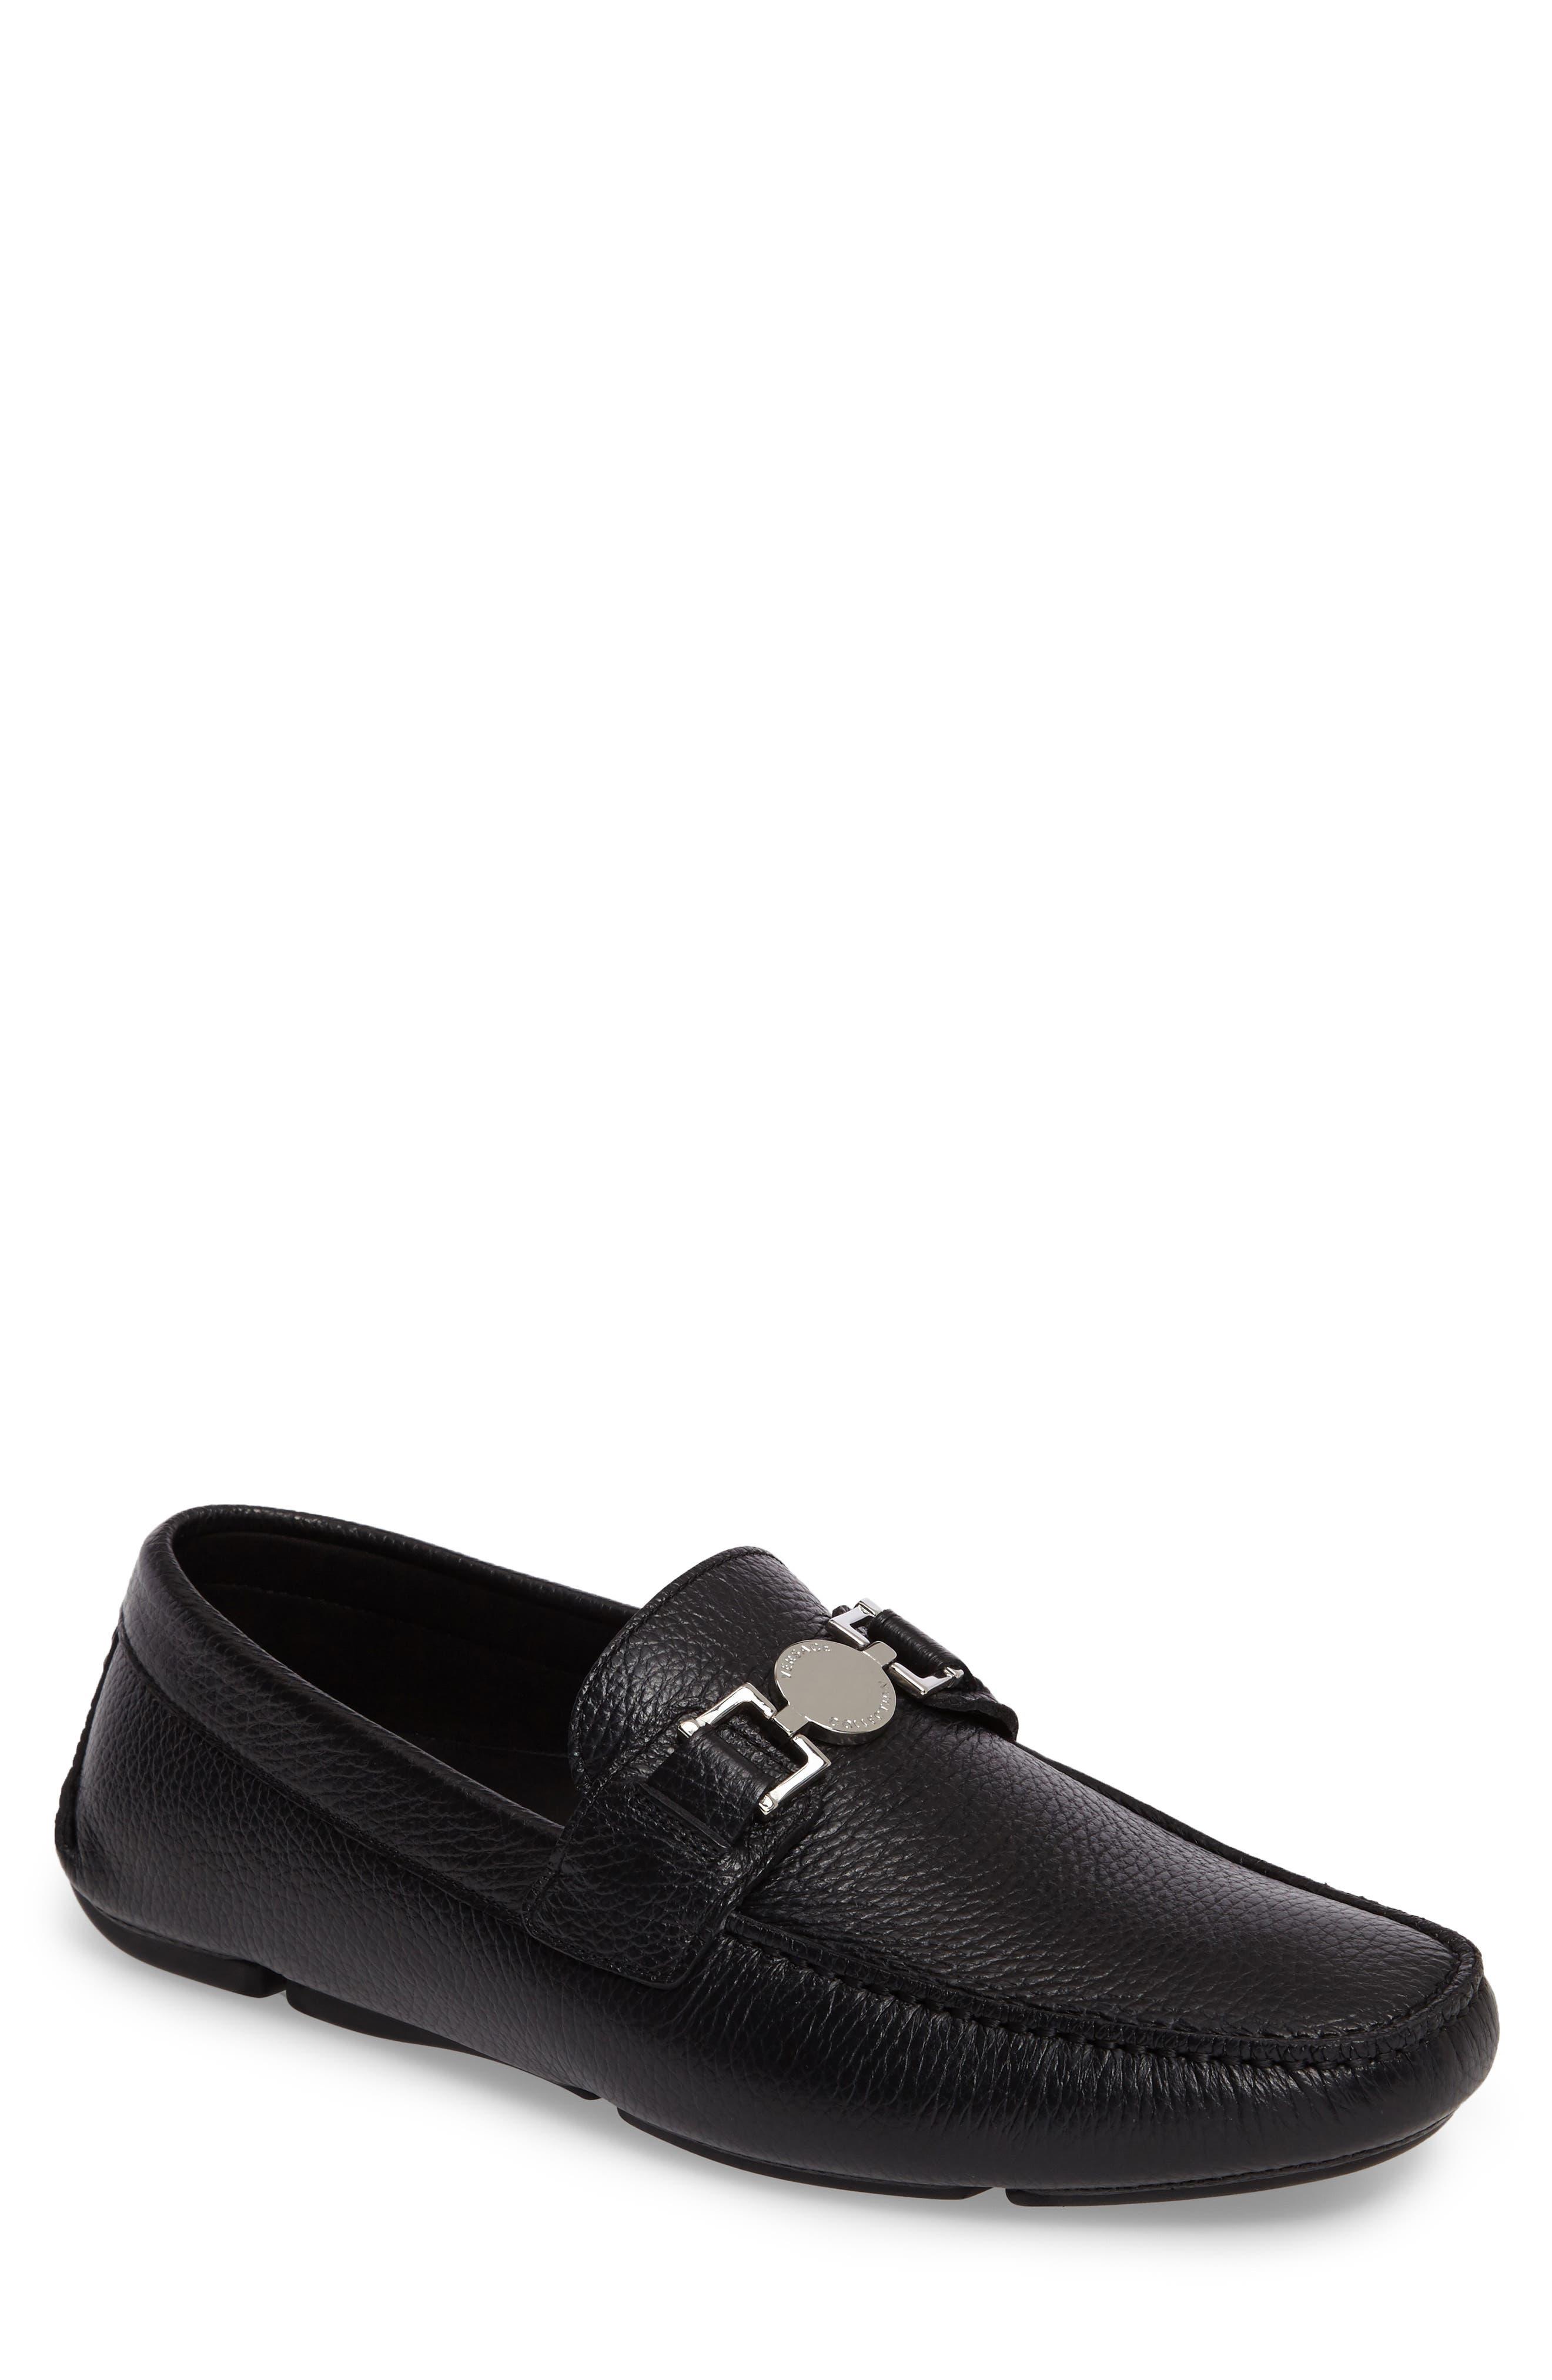 Versace Driving Shoe (Men)